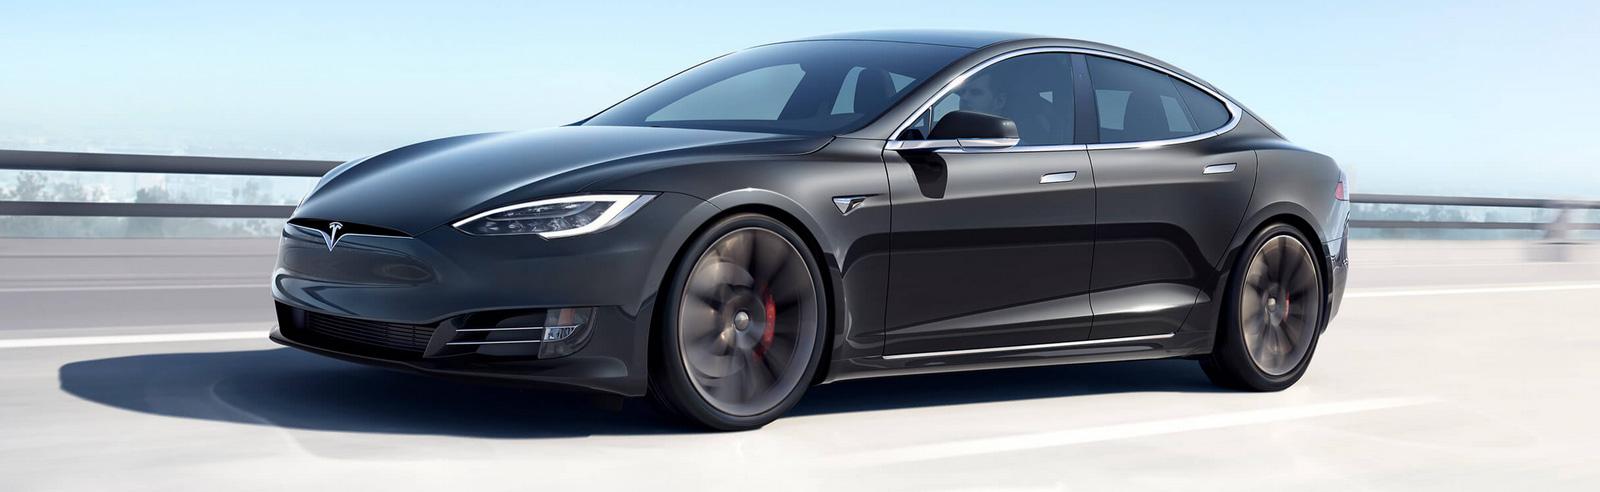 Tesla Model S P100D+ with a Plaid drivetrain sum-up